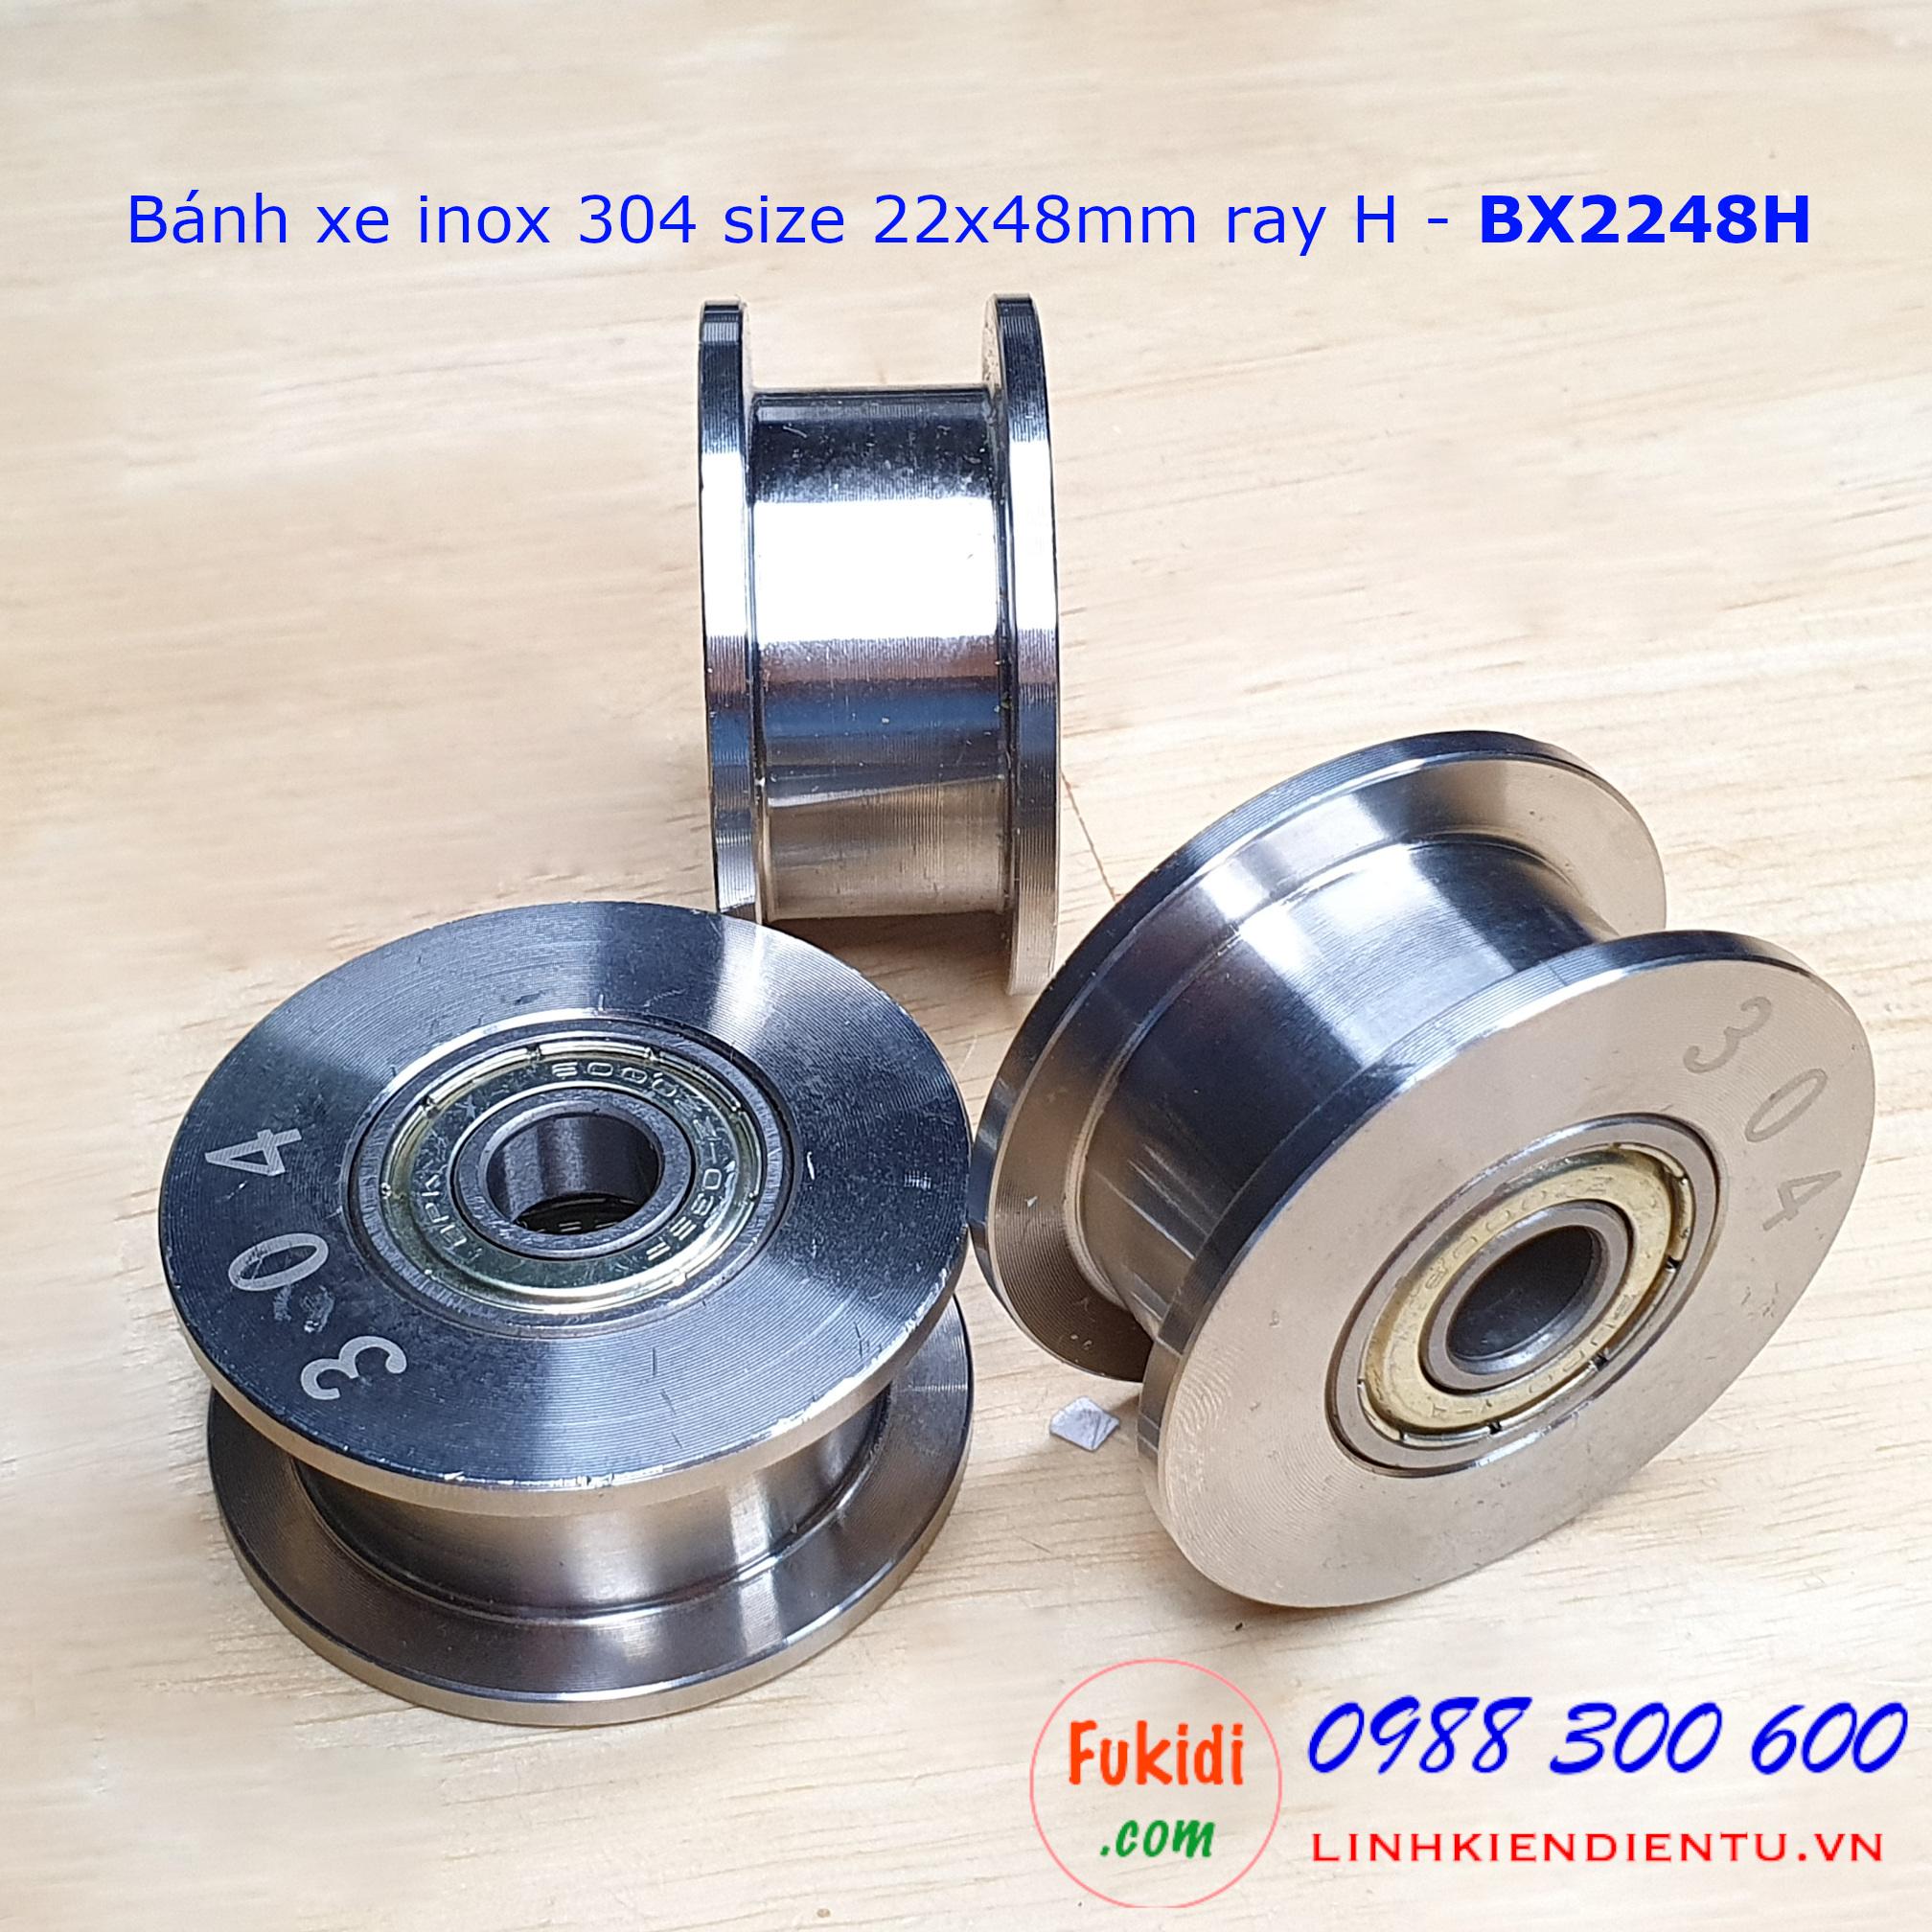 Bánh xe cửa cổng lùa inox 304 ray H size 22x48mm BX2248H